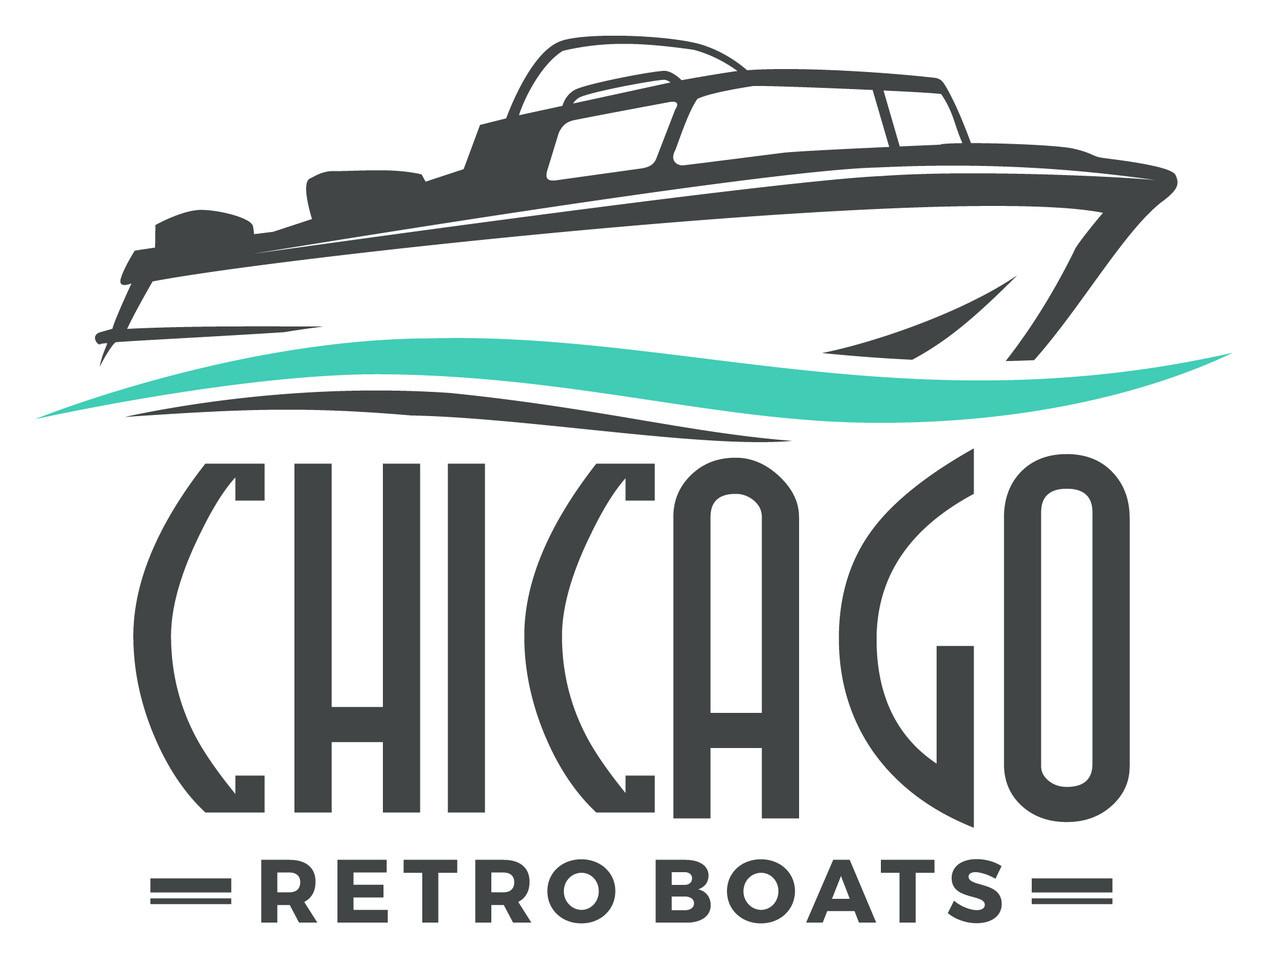 Chicago Retro